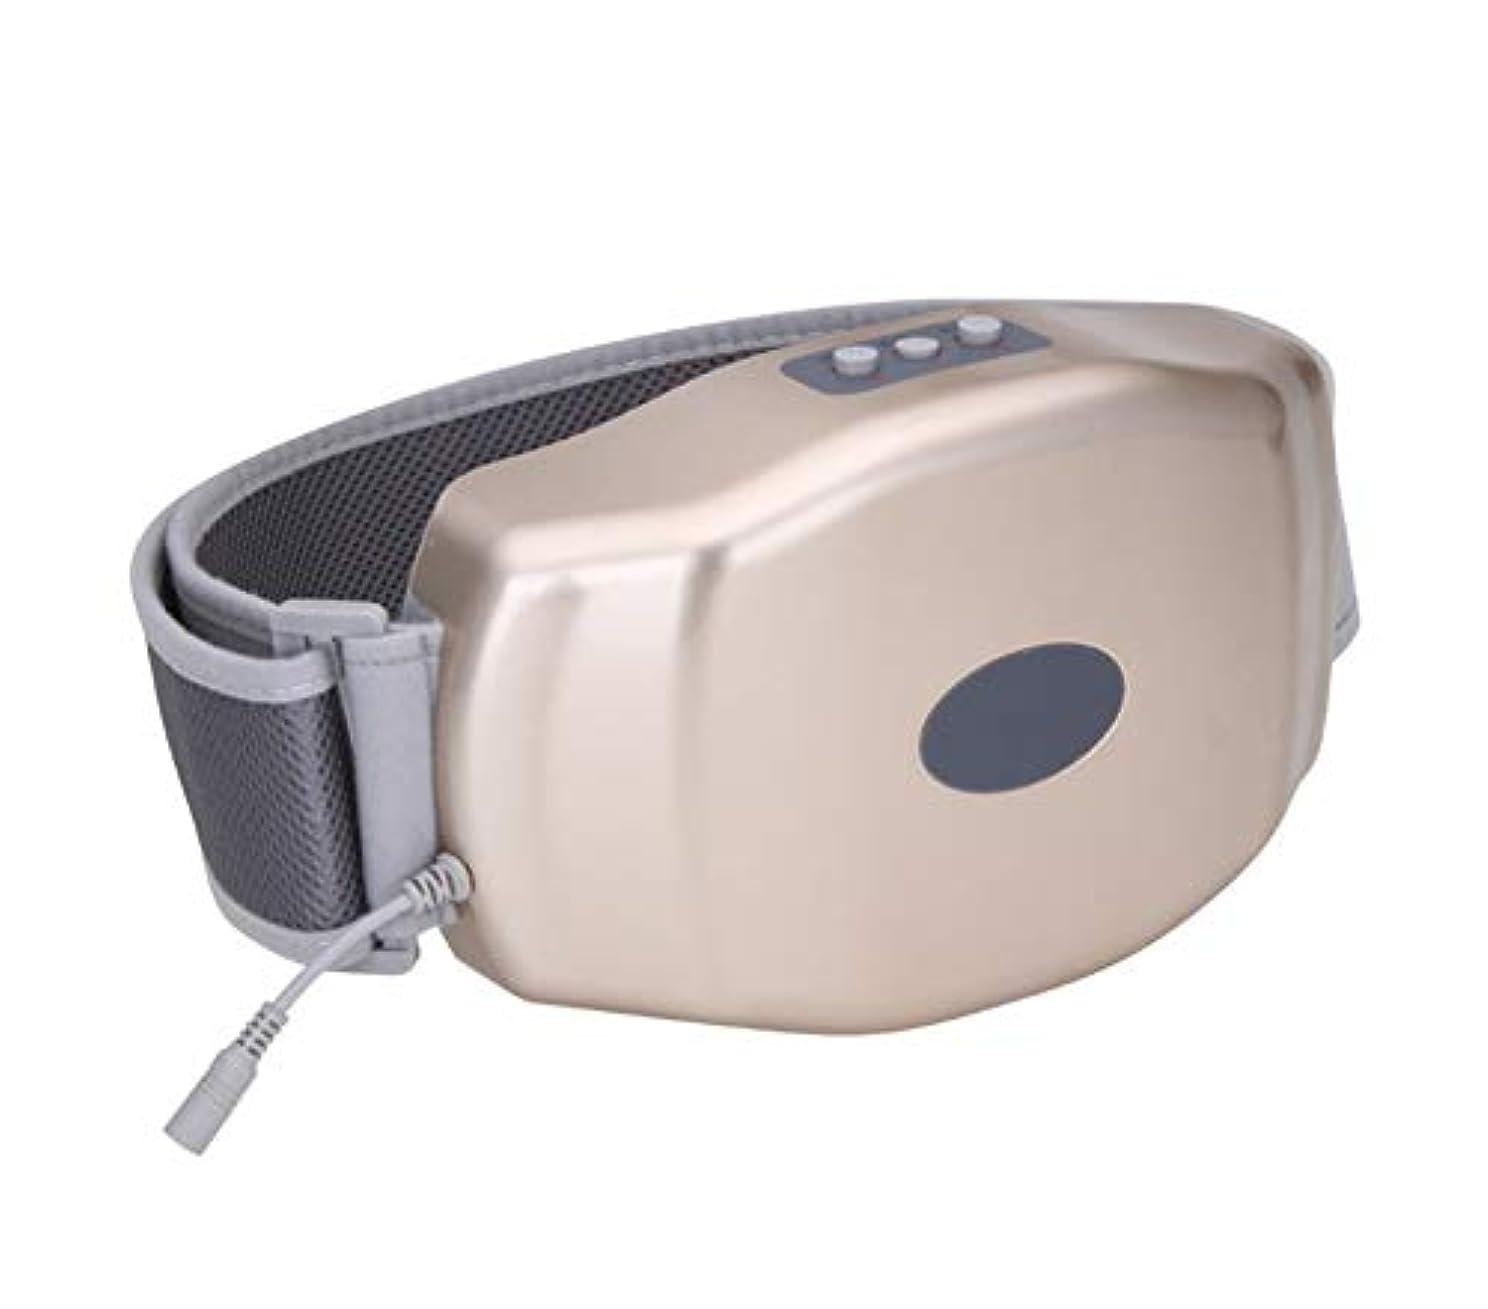 耐えられない記念品捨てる多機能腹部マッサージ - 電気ファットバーナー - 腹部減量マッサージ振動便秘腹部理学療法ベルト加熱男性と女性のベルト